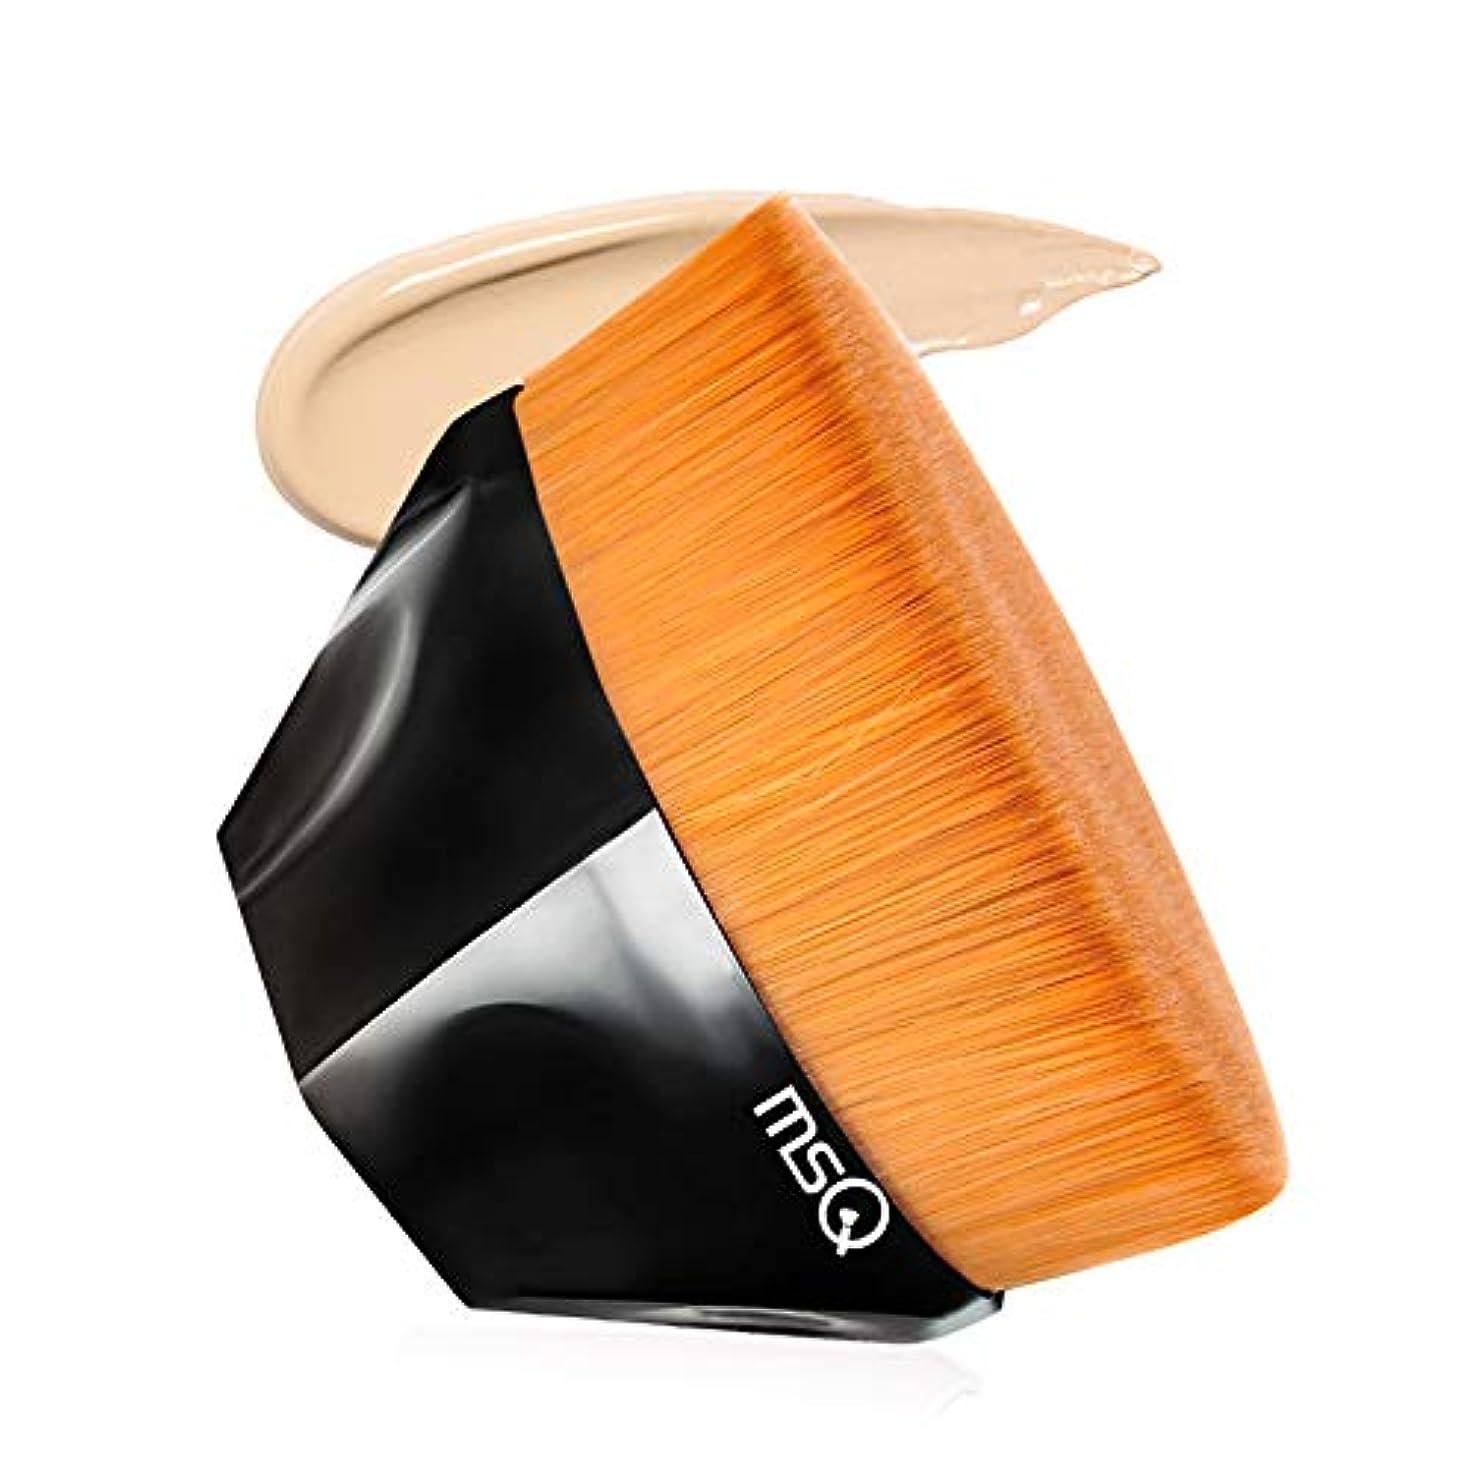 受粉する噂慎重にMSQ 化粧ブラシ 人気 メイクブラシ メイクアップブラシ 粧ブラシ 可愛い 化粧筆 肌に優しい ファンデーションブラシ アイシャドウブラシ 携帯便利